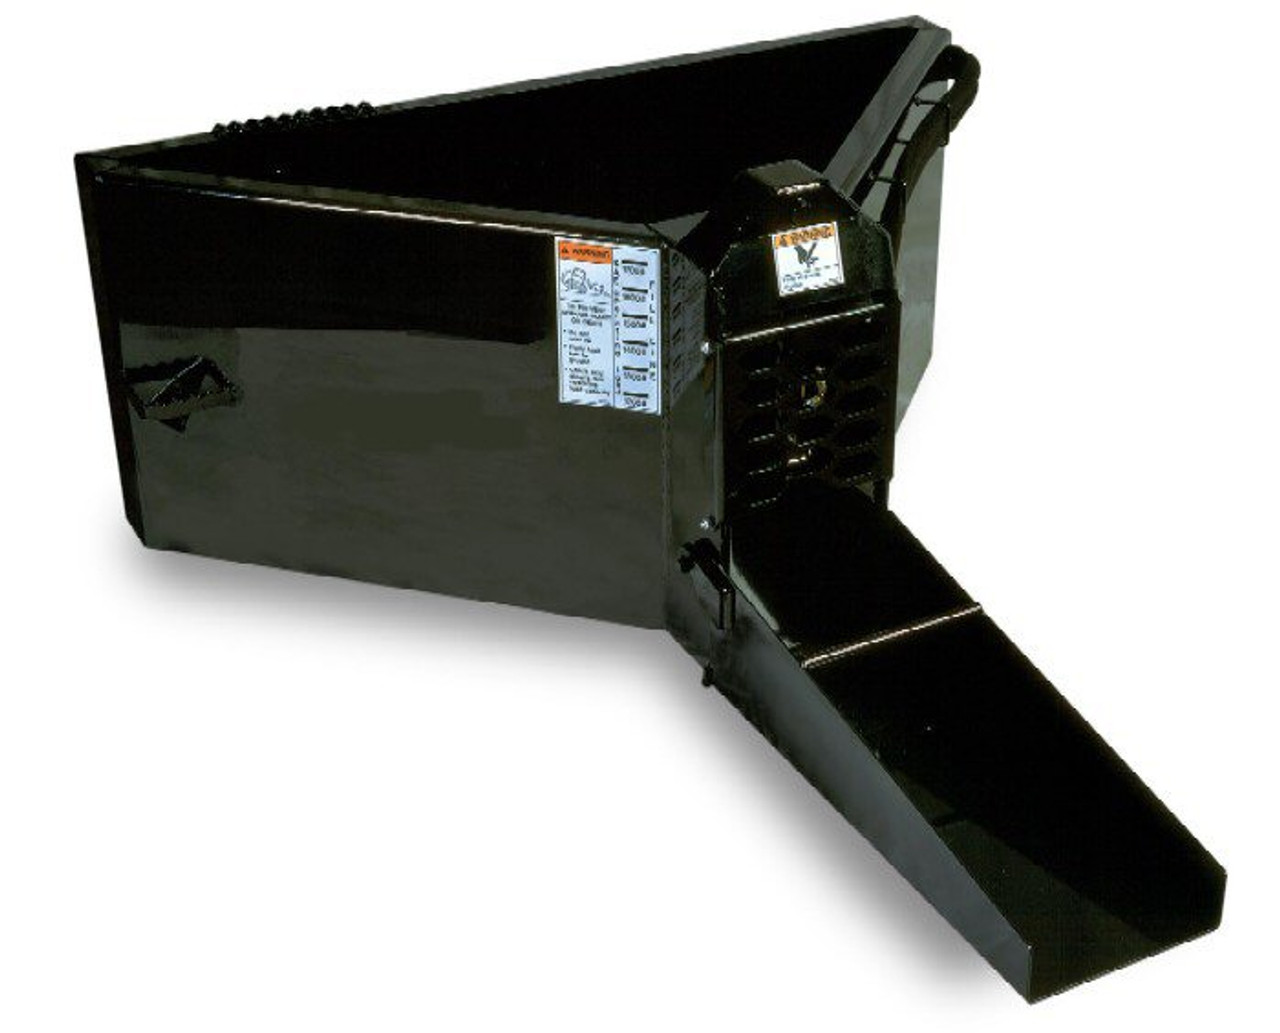 Skid Steer Concrete Chuter 3/4 Yard Capacity (Industrial Series)